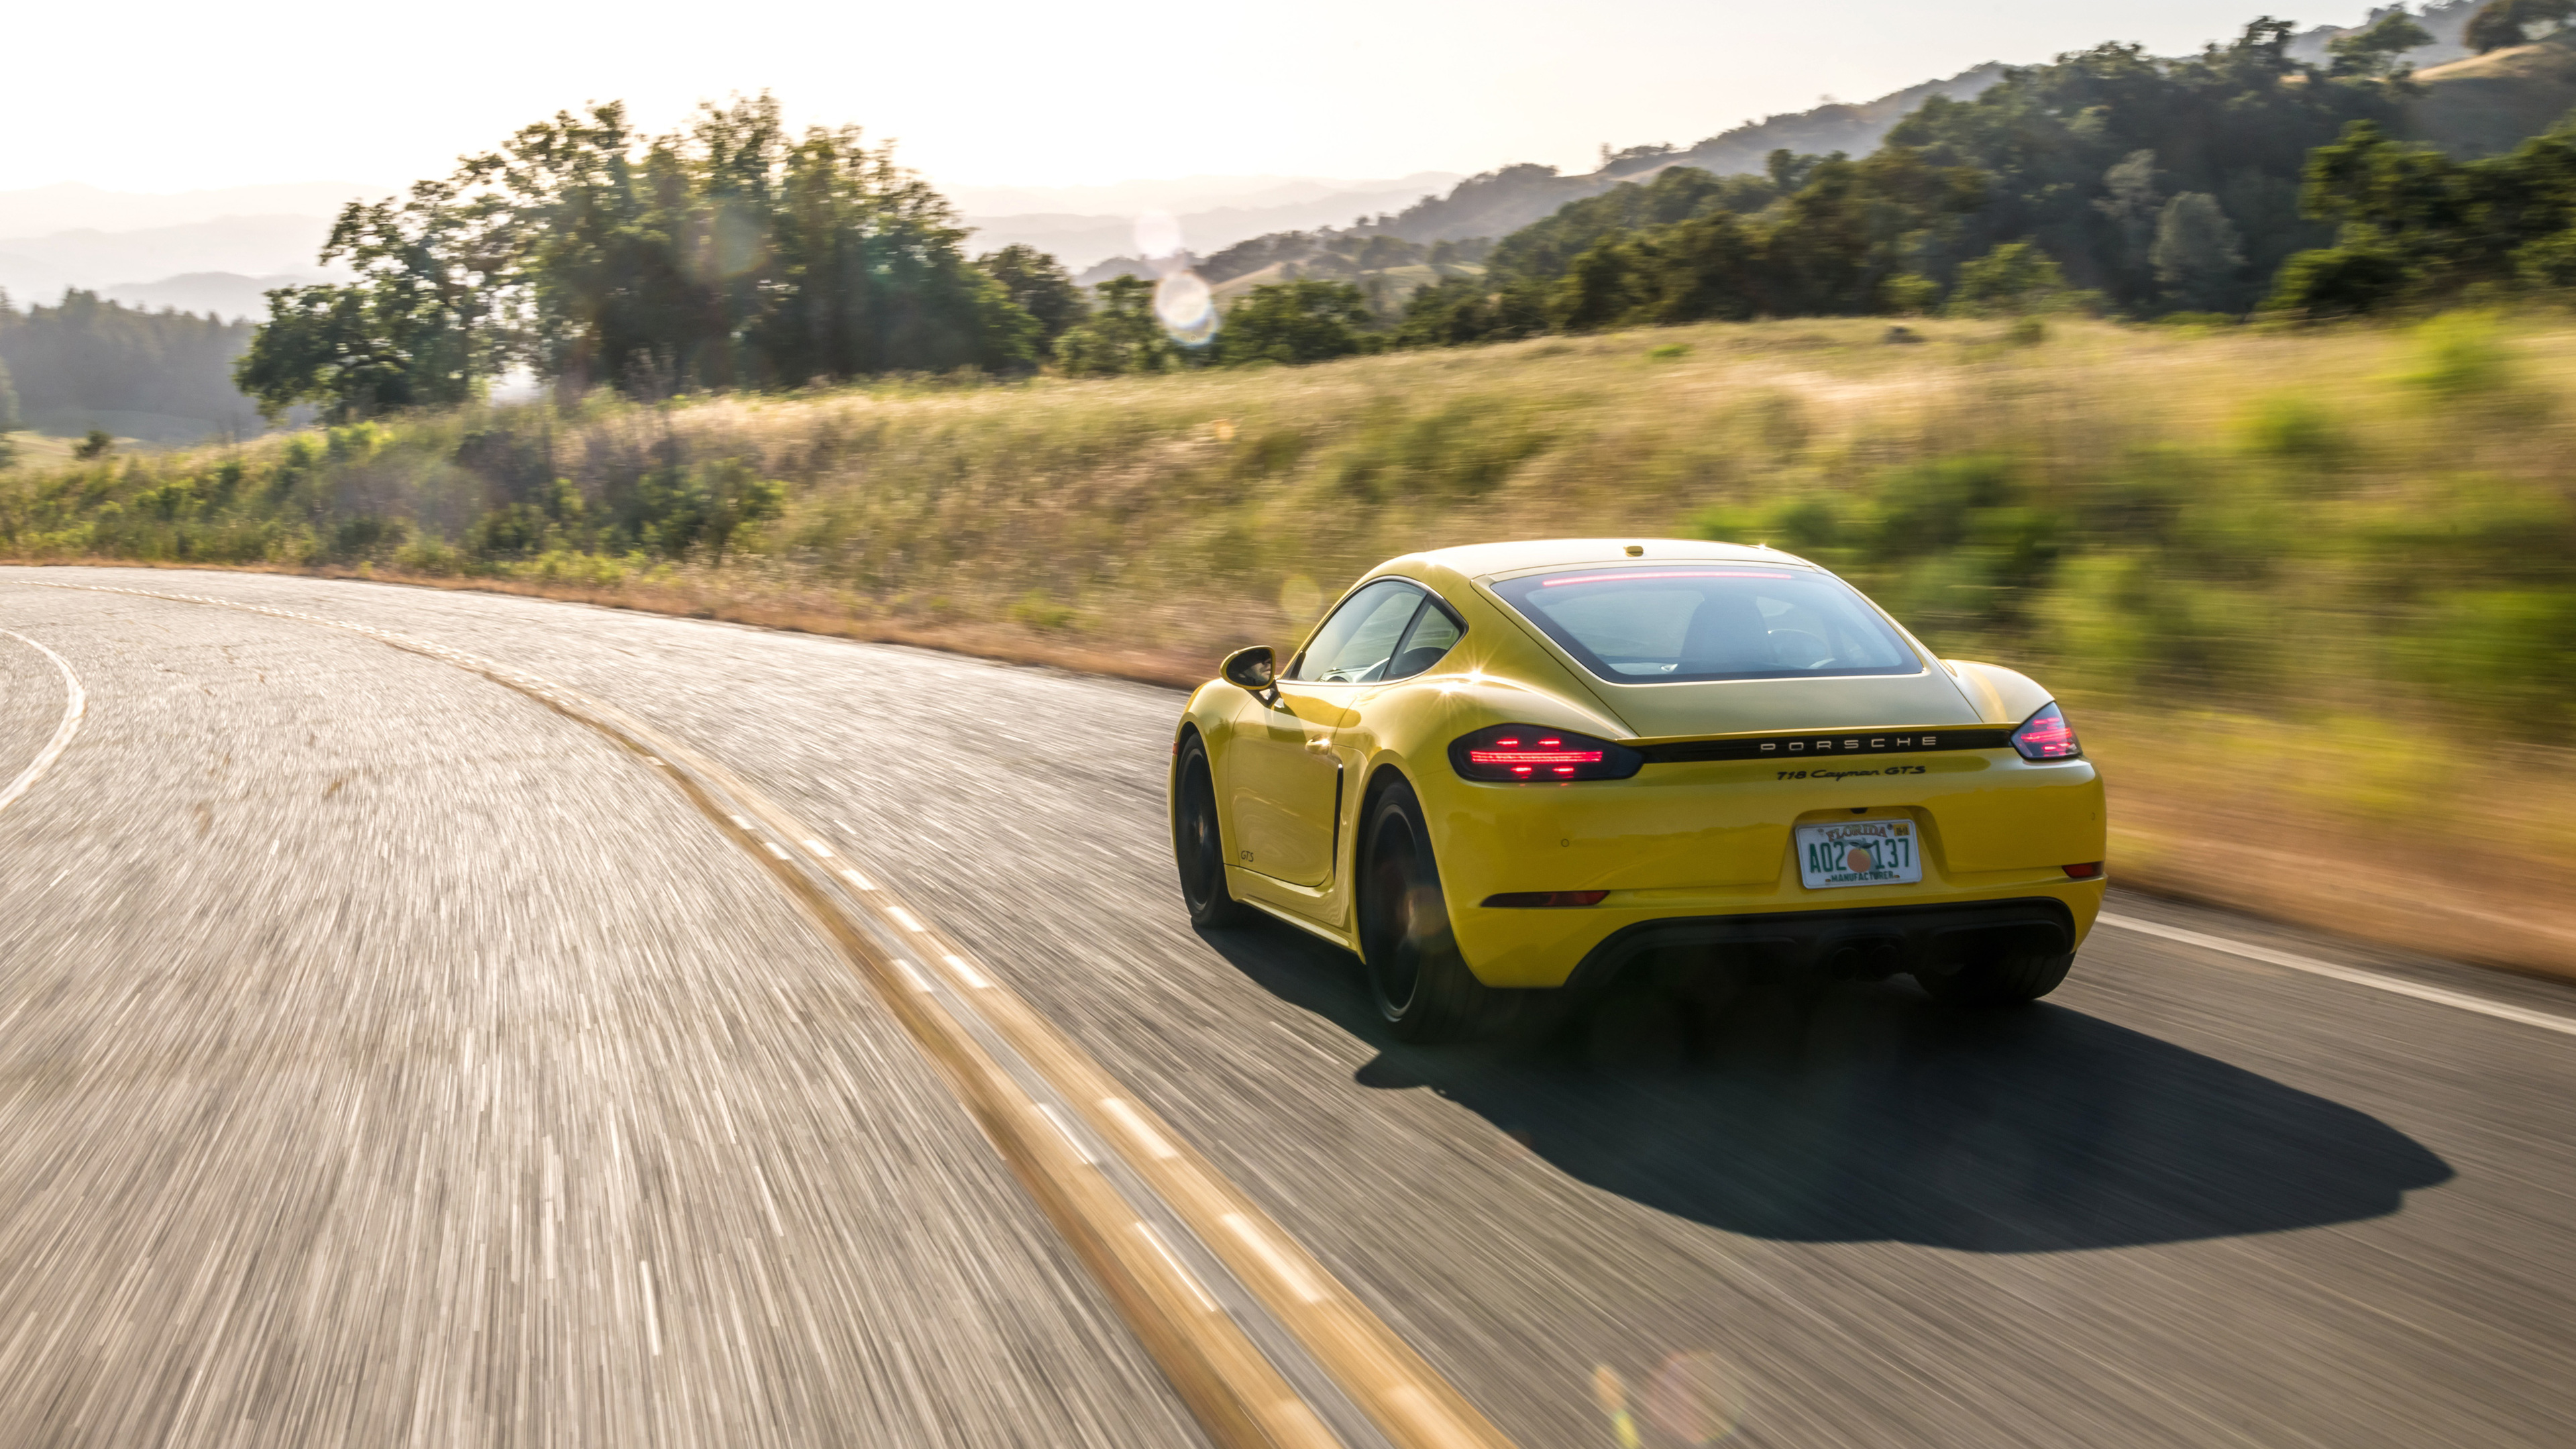 Wallpaper 4k Porsche 718 Cayman Gts 2019 2018 Cars Wallpapers 4k Wallpapers Cars Wallpapers Hd Wallpapers Porsche 718 Wallpapers Porsche Wallpapers